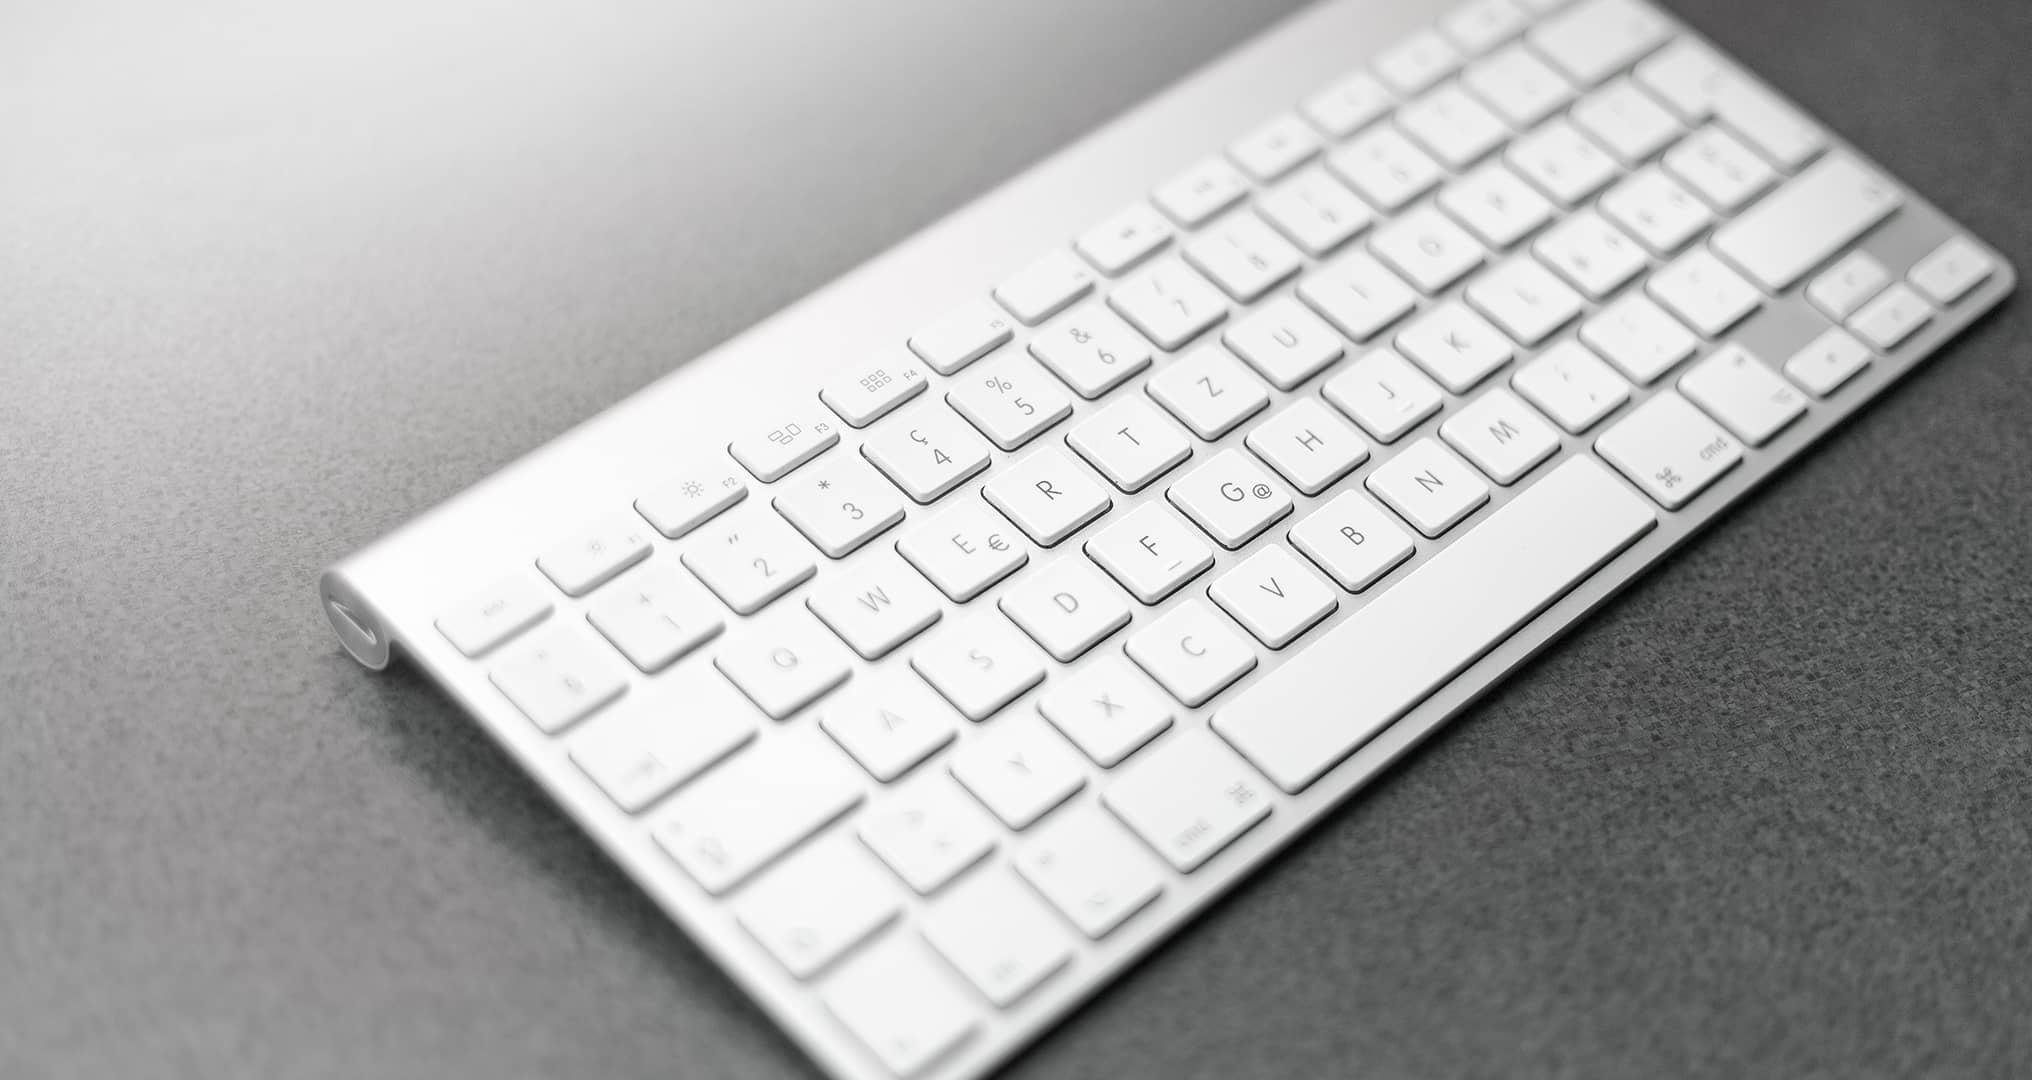 apple keyboard on desk